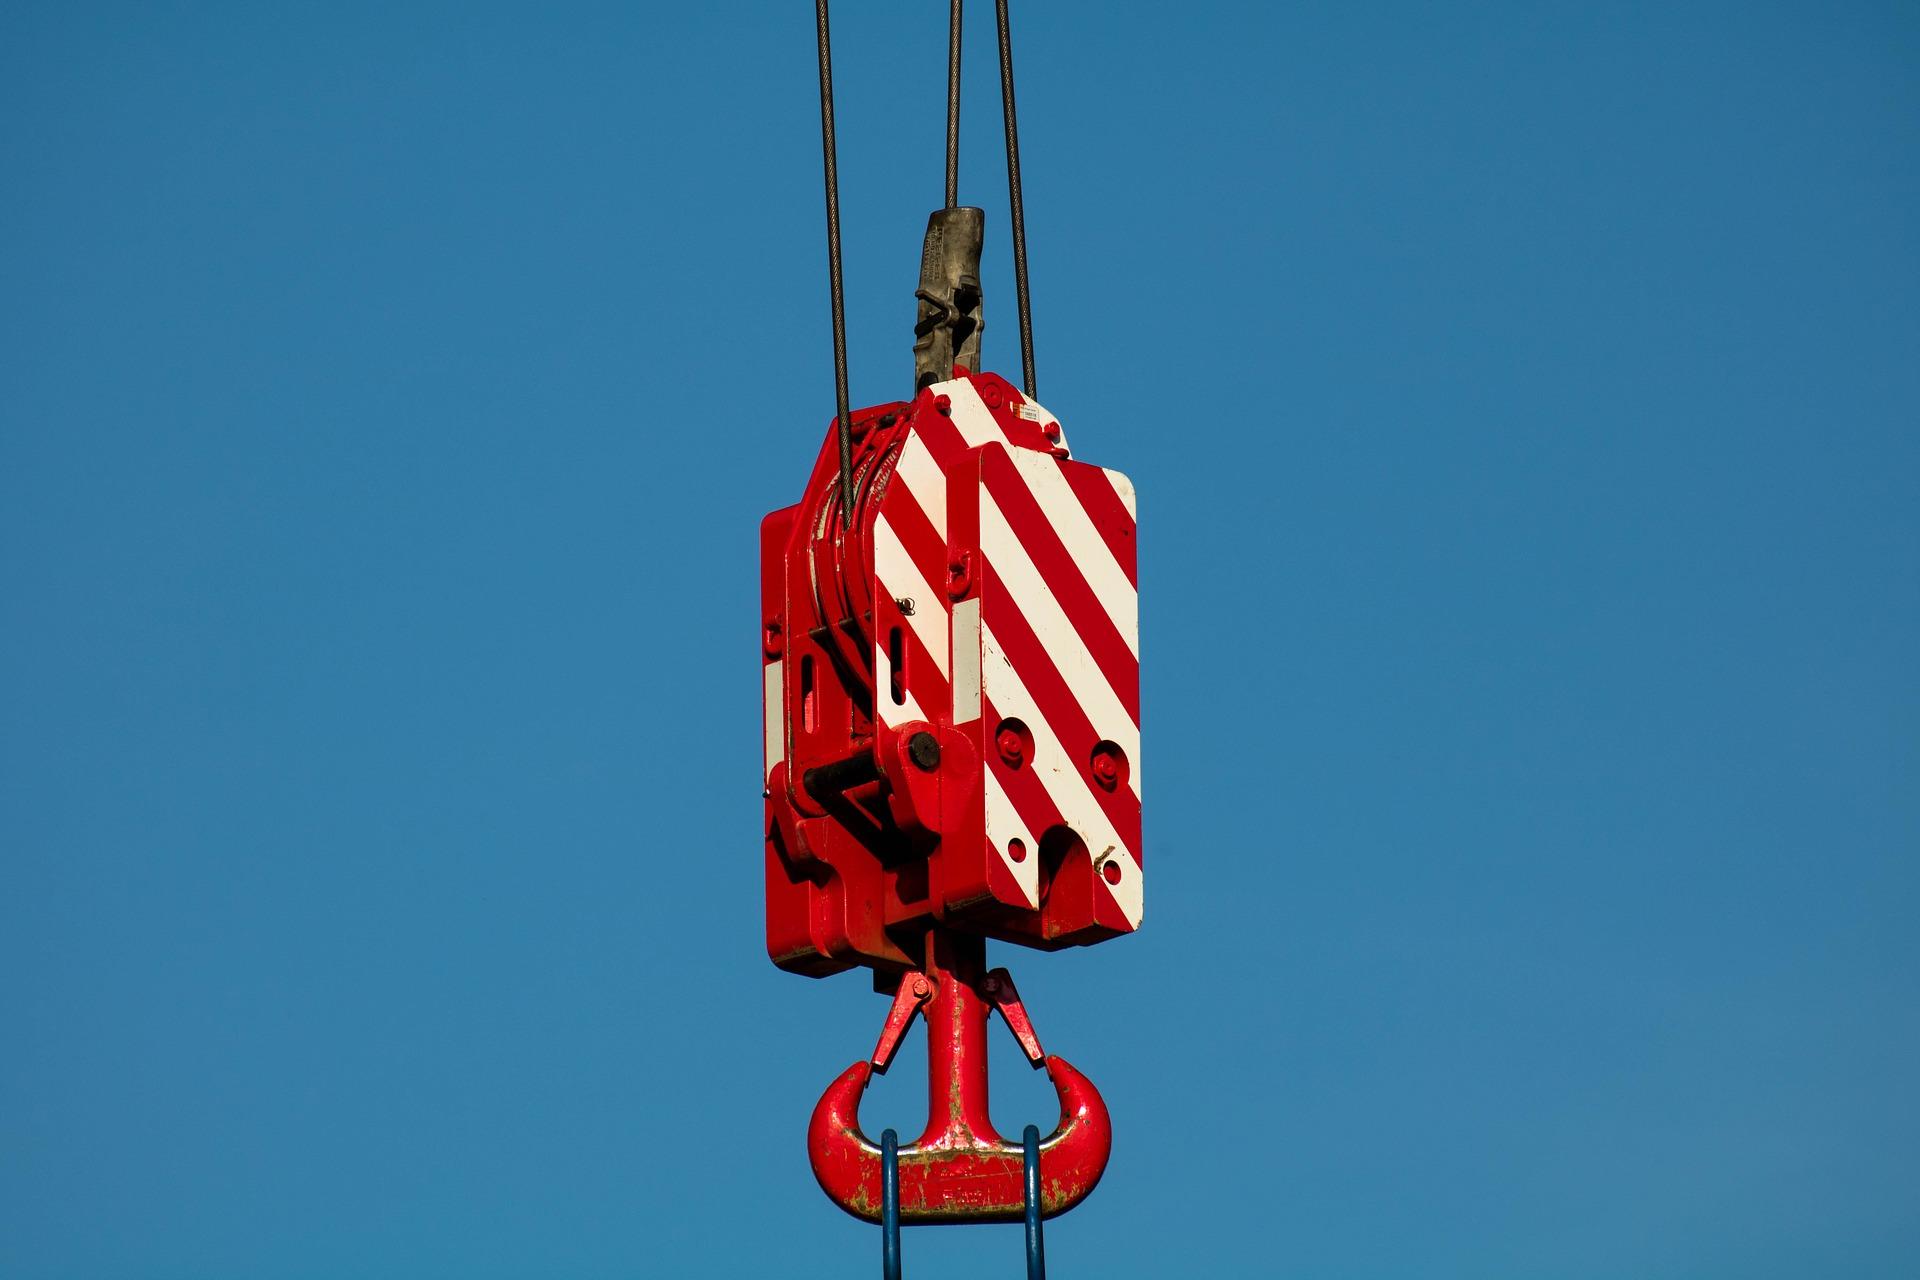 crane-bottle-2367659_1920.jpg